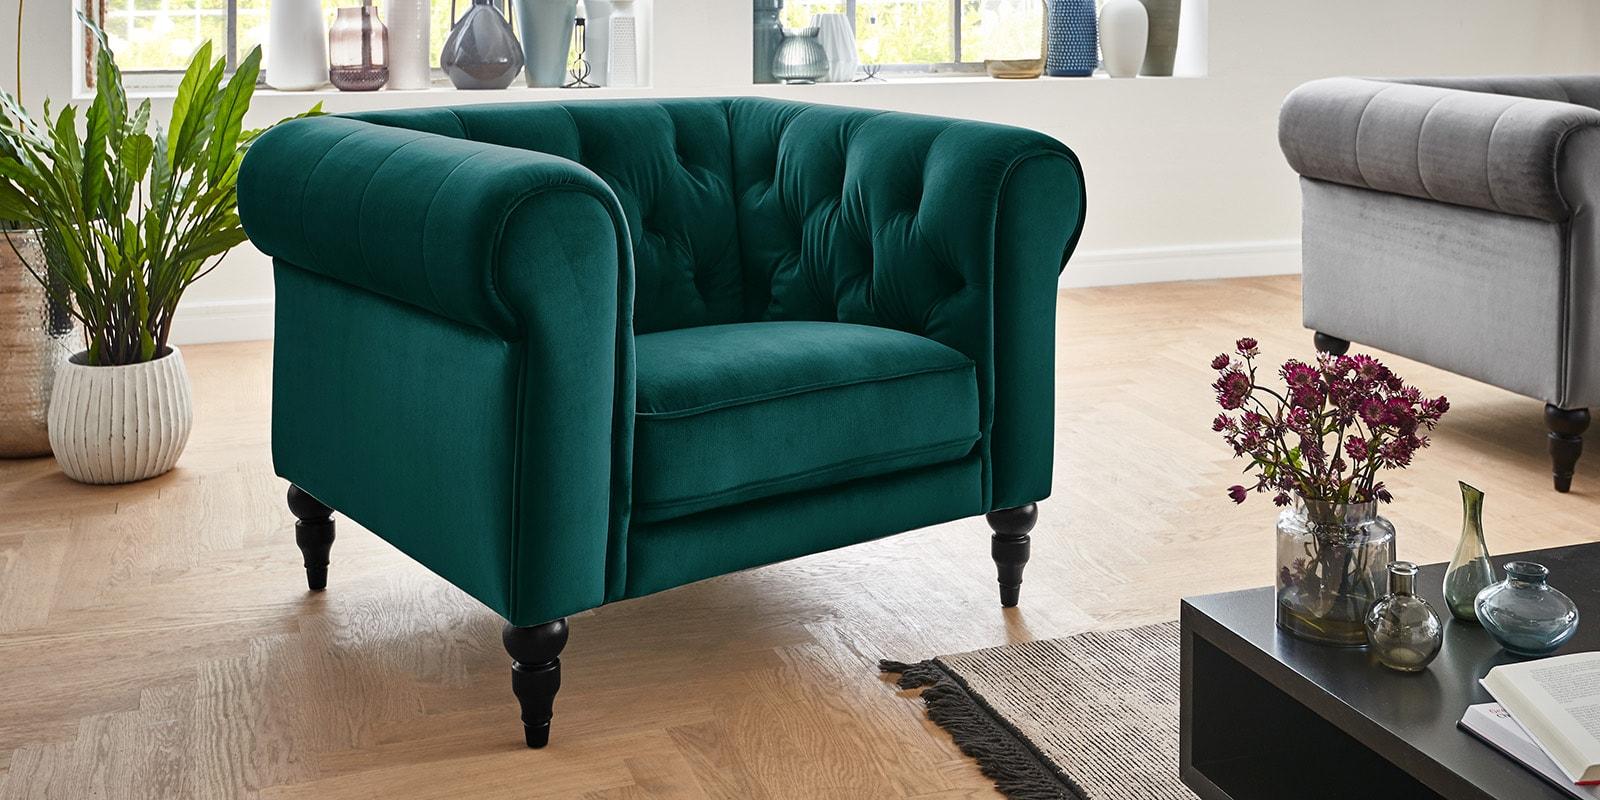 Moebella24 - 1-Sitzer - Sofa - Sessel - Hudson - Chesterfield - Samt - Petrol - Dekorative - Nähte - und - Versteppungen - Knopfheftung - Barock-Design - Füße